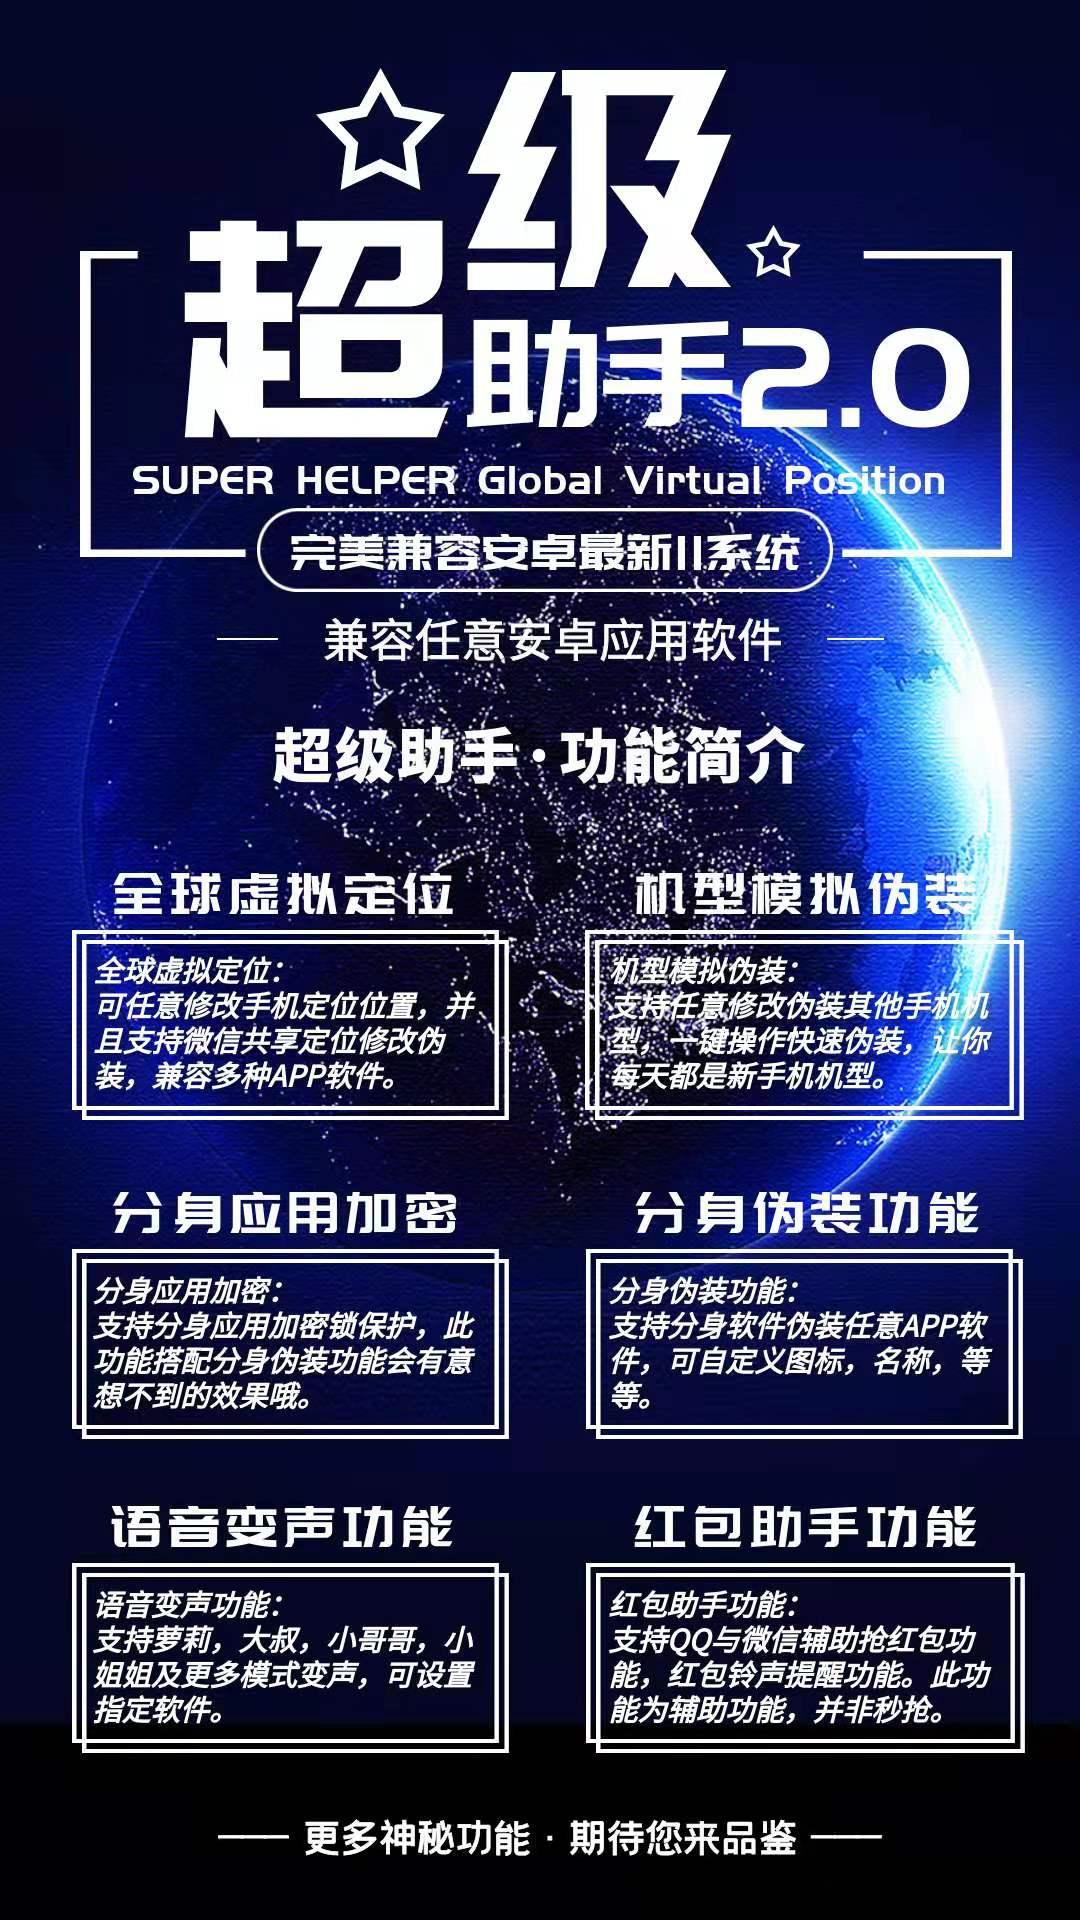 【安卓超级助手】安卓版/无限多开APP/虚拟定位/钉钉打卡